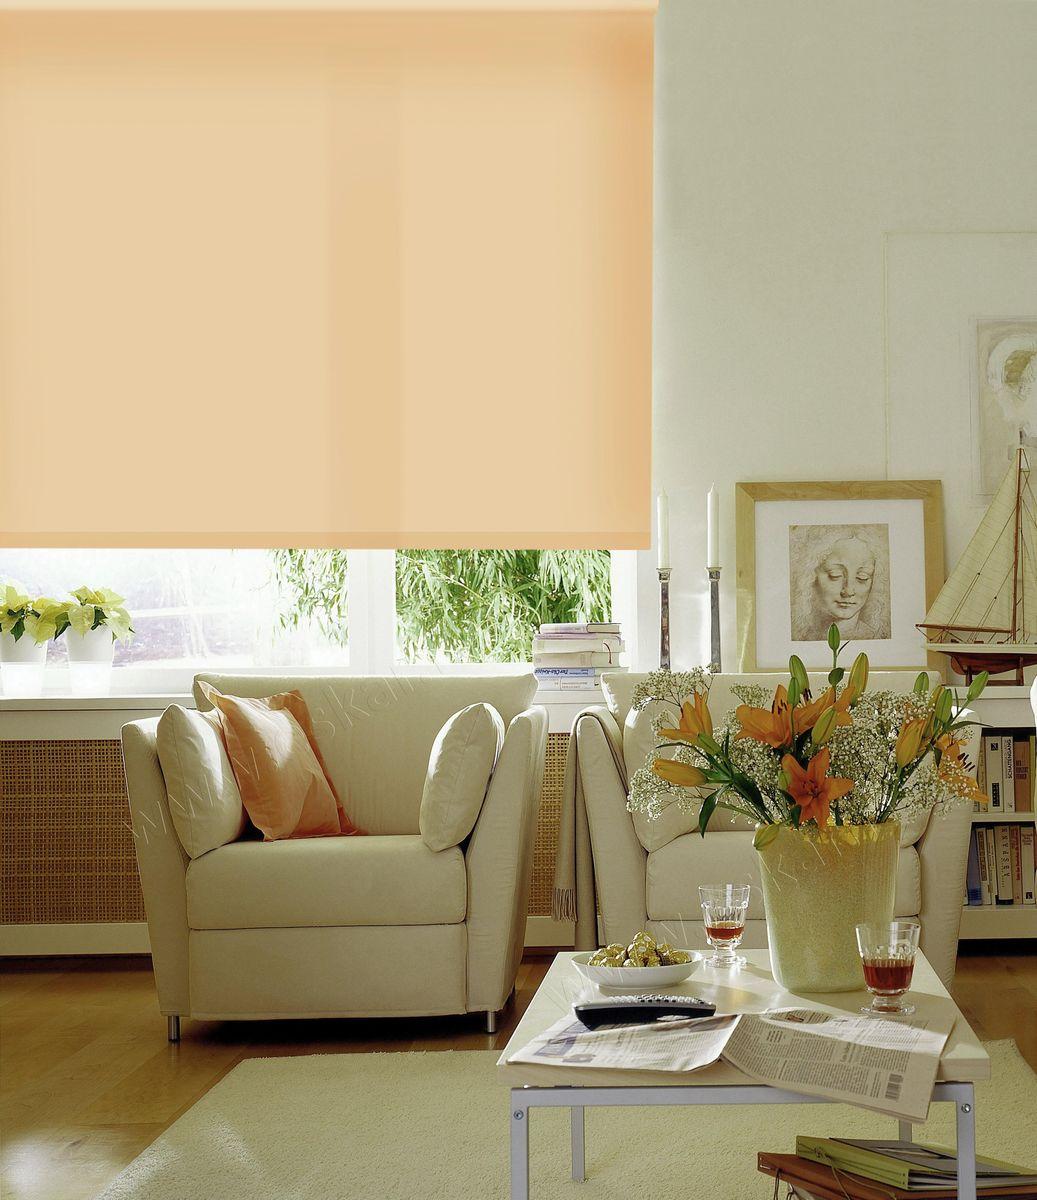 Штора рулонная Эскар, цвет: светло-абрикосовый, ширина 150 см, высота 170 см81112150170Рулонными шторами можно оформлять окна как самостоятельно, так и использовать в комбинации с портьерами. Это поможет предотвратить выгорание дорогой ткани на солнце и соединит функционал рулонных с красотой навесных.Преимущества применения рулонных штор для пластиковых окон:- имеют прекрасный внешний вид: многообразие и фактурность материала изделия отлично смотрятся в любом интерьере; - многофункциональны: есть возможность подобрать шторы способные эффективно защитить комнату от солнца, при этом о на не будет слишком темной. - Есть возможность осуществить быстрый монтаж. ВНИМАНИЕ! Размеры ширины изделия указаны по ширине ткани!Во время эксплуатации не рекомендуется полностью разматывать рулон, чтобы не оторвать ткань от намоточного вала.В случае загрязнения поверхности ткани, чистку шторы проводят одним из способов, в зависимости от типа загрязнения: легкое поверхностное загрязнение можно удалить при помощи канцелярского ластика; чистка от пыли производится сухим методом при помощи пылесоса с мягкой щеткой-насадкой; для удаления пятна используйте мягкую губку с пенообразующим неагрессивным моющим средством или пятновыводитель на натуральной основе (нельзя применять растворители).